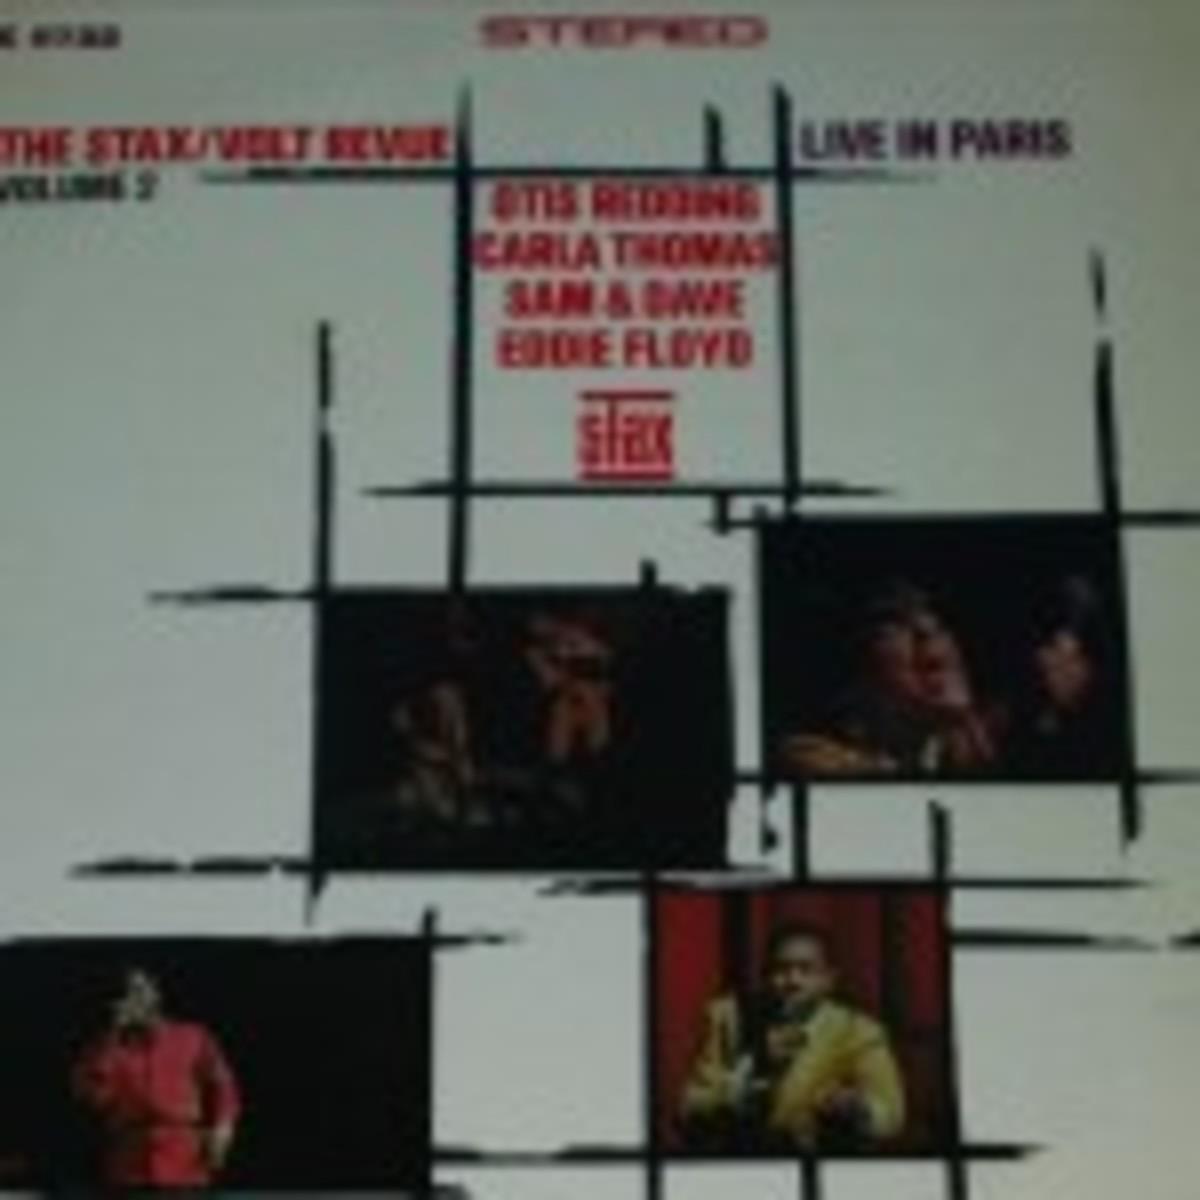 Otis Redding Live in Paris